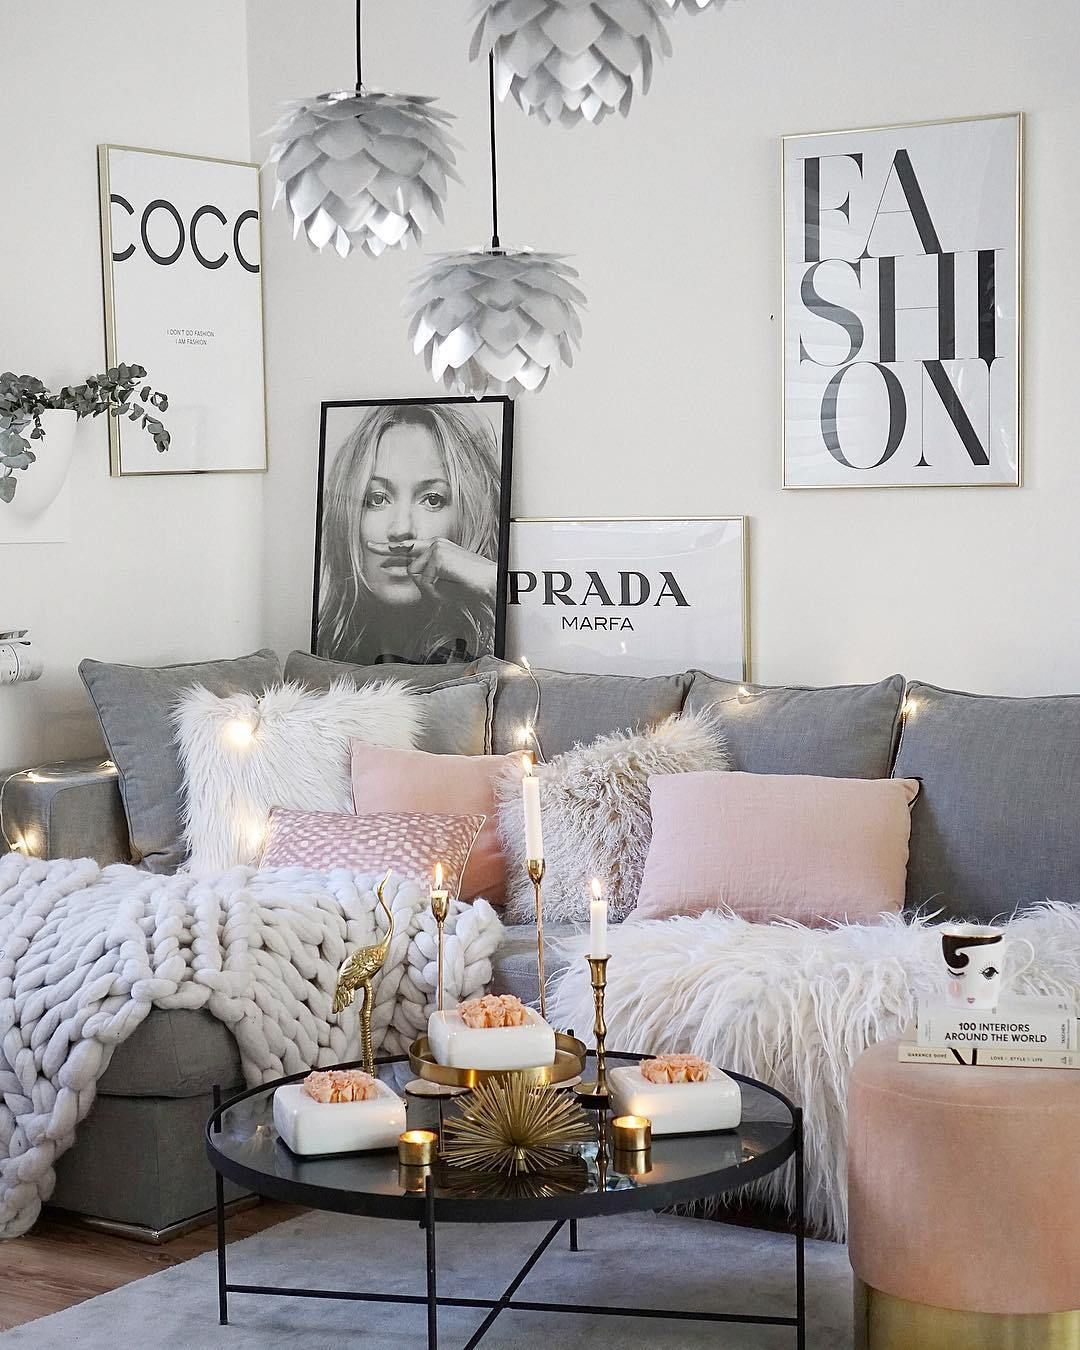 28 Cozy Living Room Decor Ideas To Copy Society19 Living Room Decor Apartment Pink Living Room Decor Living Room Decor Cozy